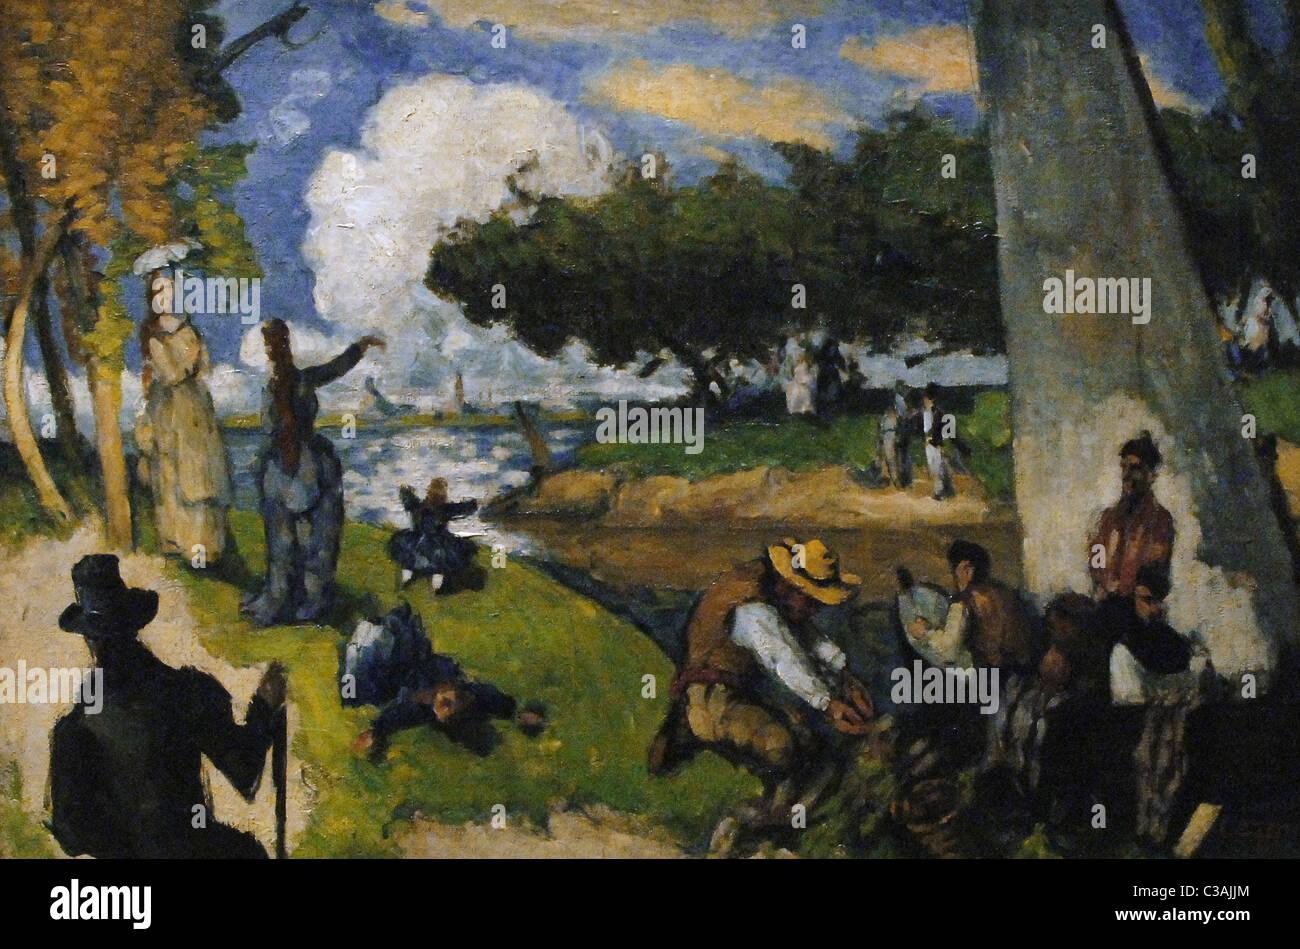 Paul Cézanne (1839-1906). Peintre postimpressionniste français. Les pêcheurs (spectacle). Ca. 1875. Photo Stock